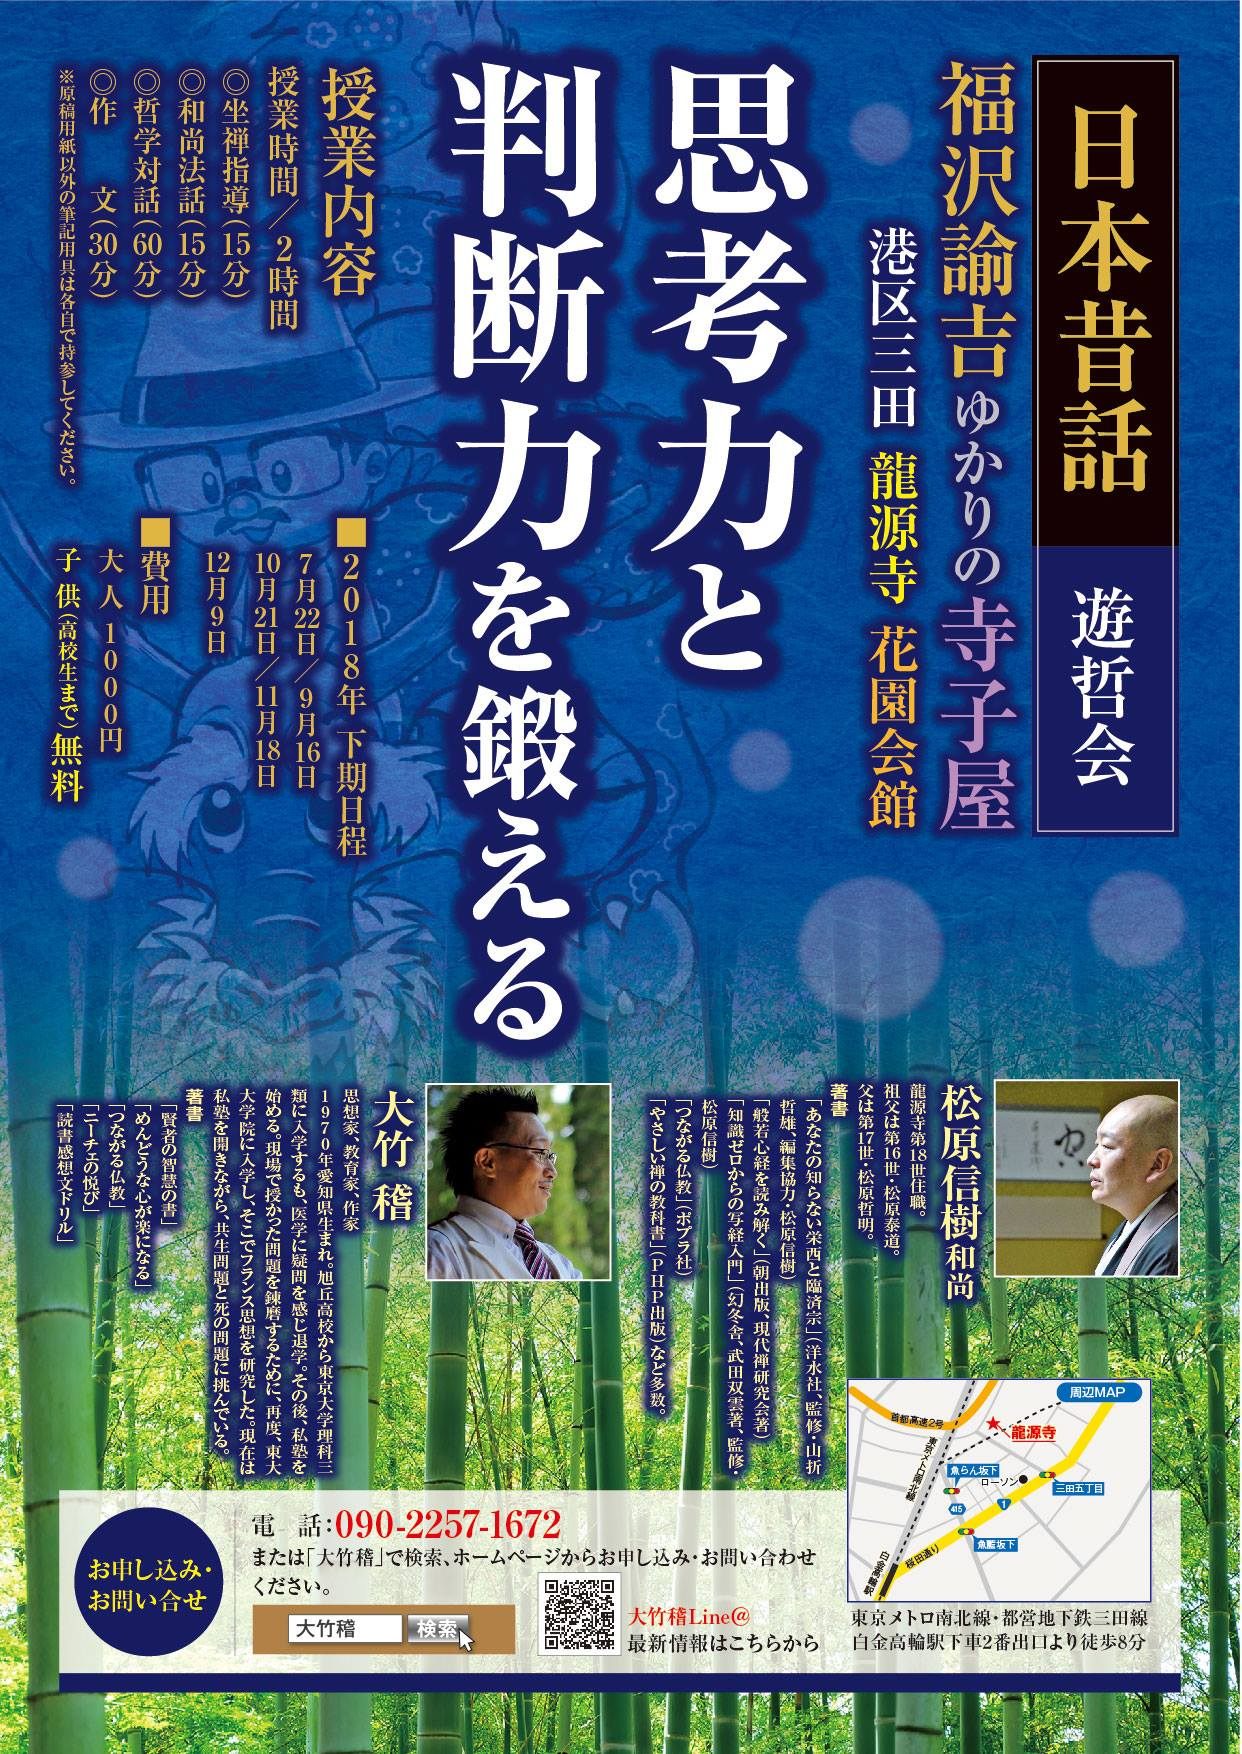 12月9日【龍源寺 てらてつ(お寺で哲学)教室】開催のお知らせ